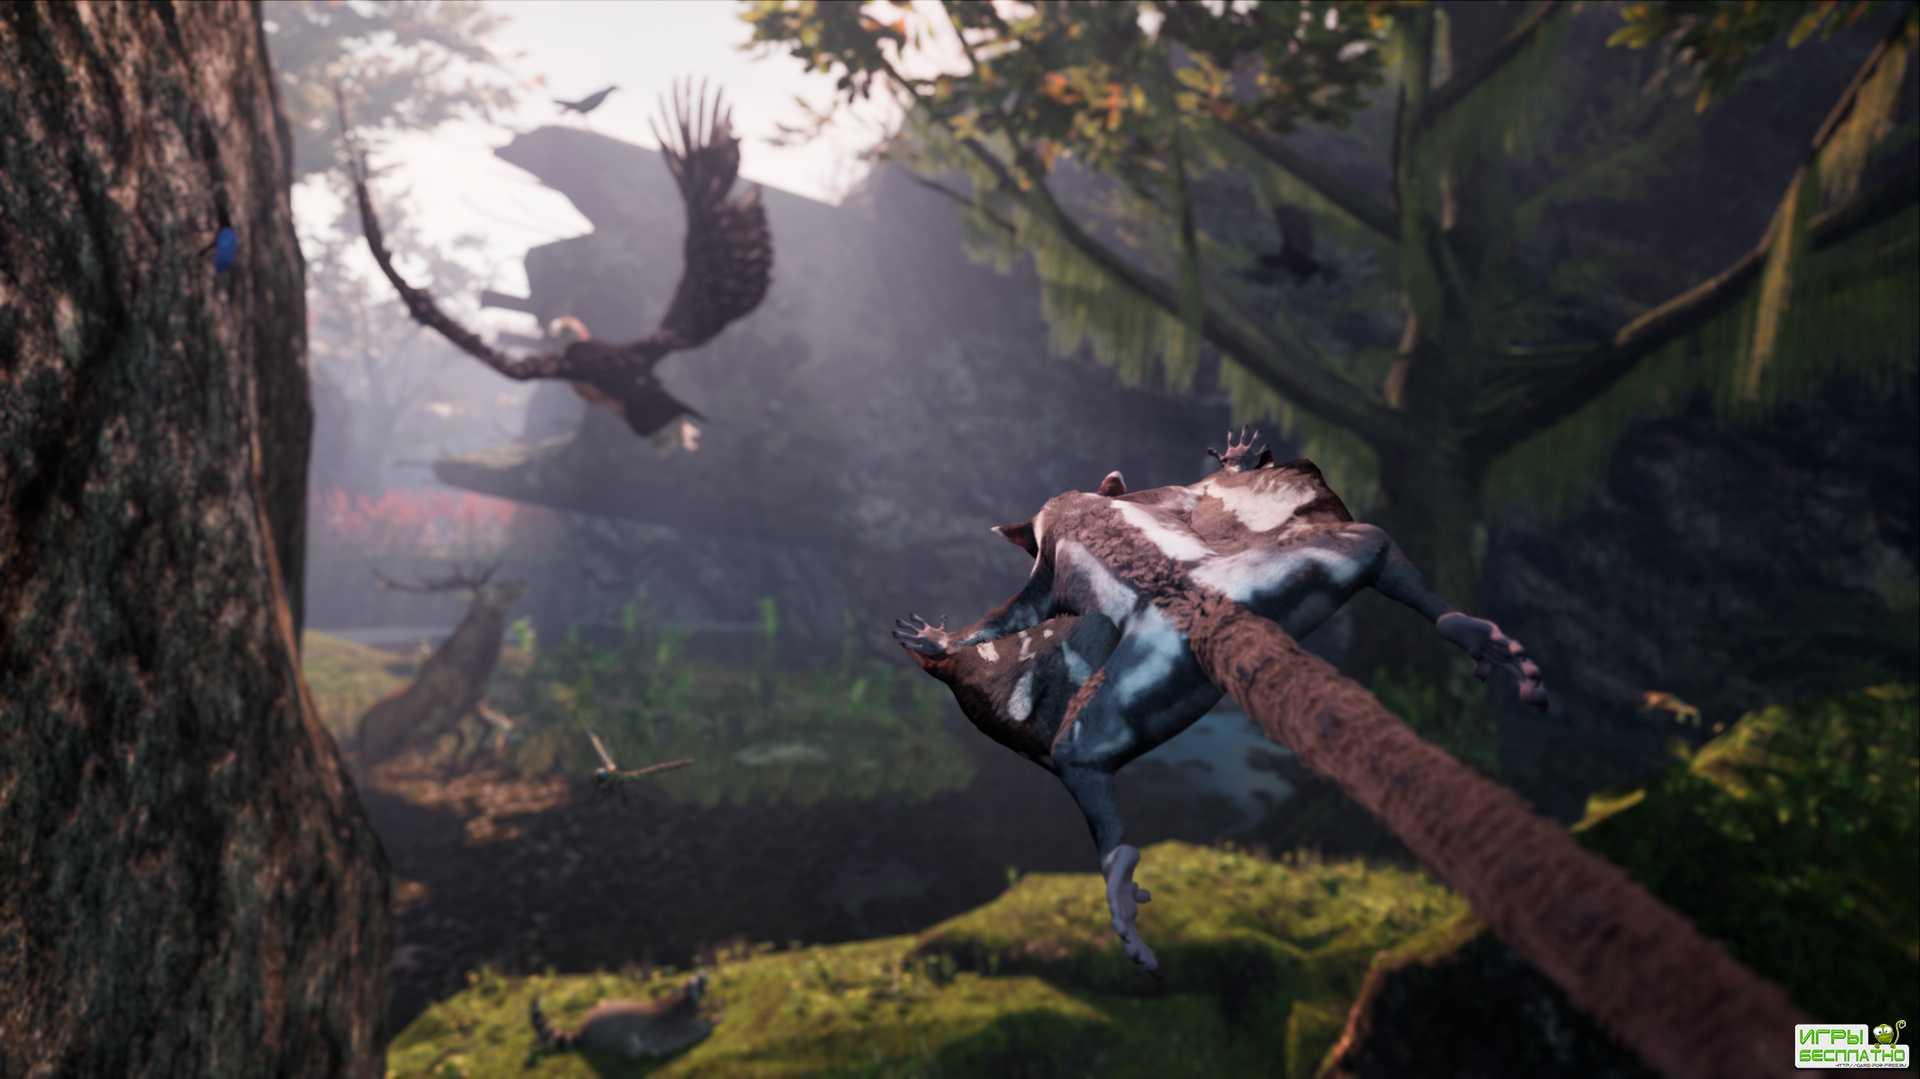 Приключения сахарной сумчатой летяги в геймплее AWAY: The Survival Series